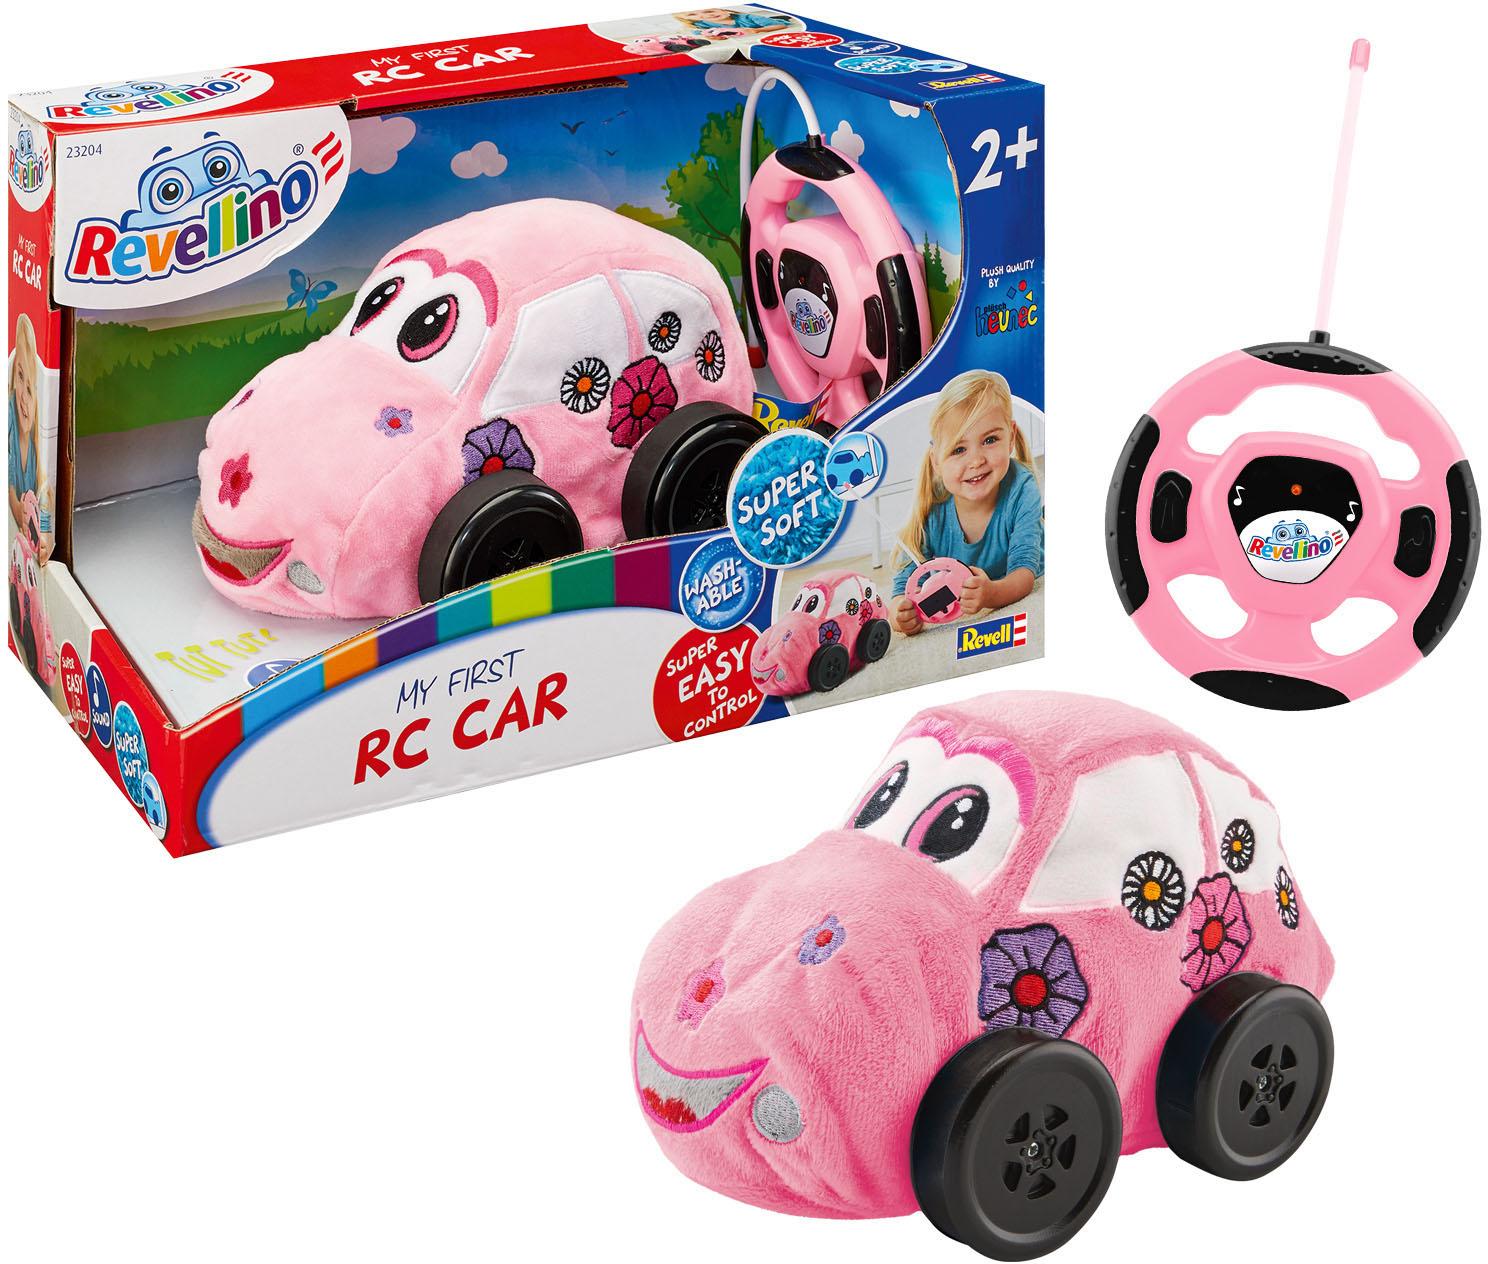 Revell RC-Auto Revellino, Mein erster RC Rennwagen, 27 MHz in Pink, aus Plüsch rosa Kinder Auto Autos, Eisenbahn Modellbau